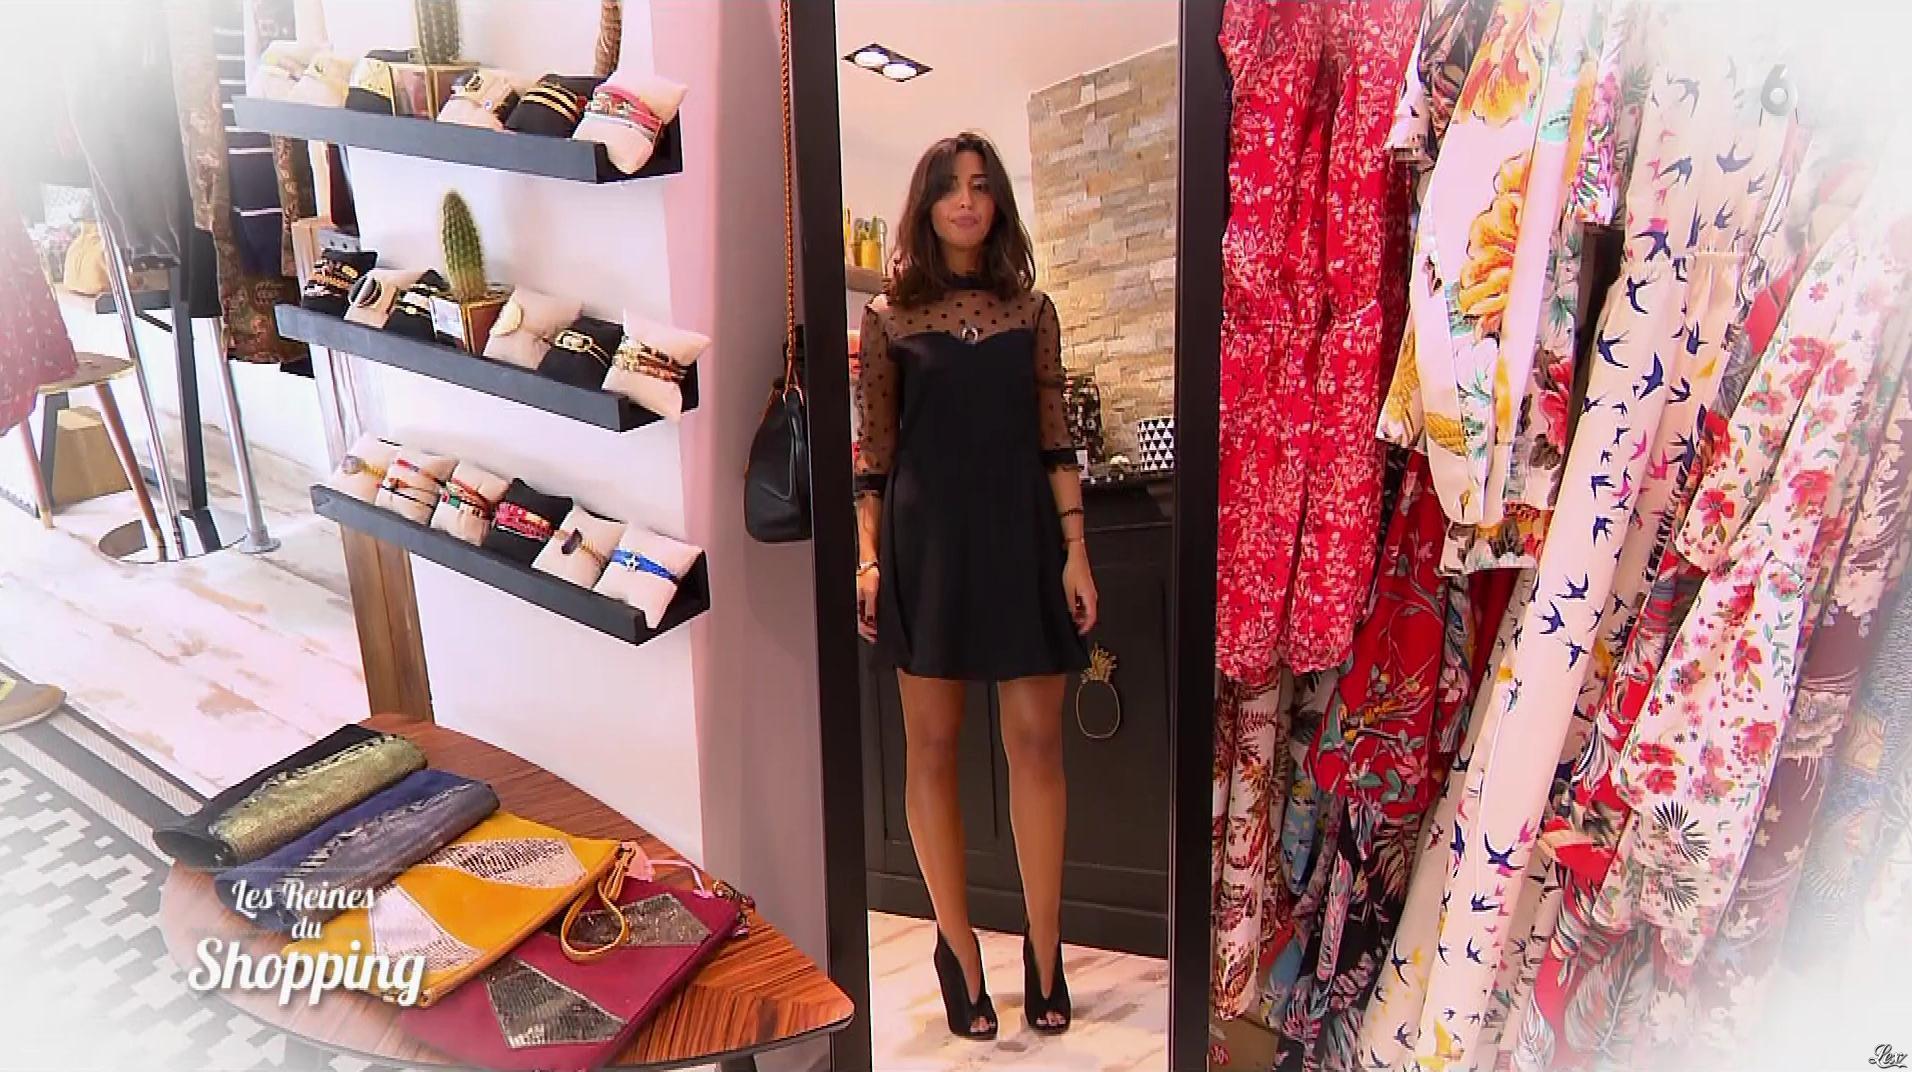 Une Candidate dans les Reines du Shopping. Diffusé à la télévision le 19/01/18.